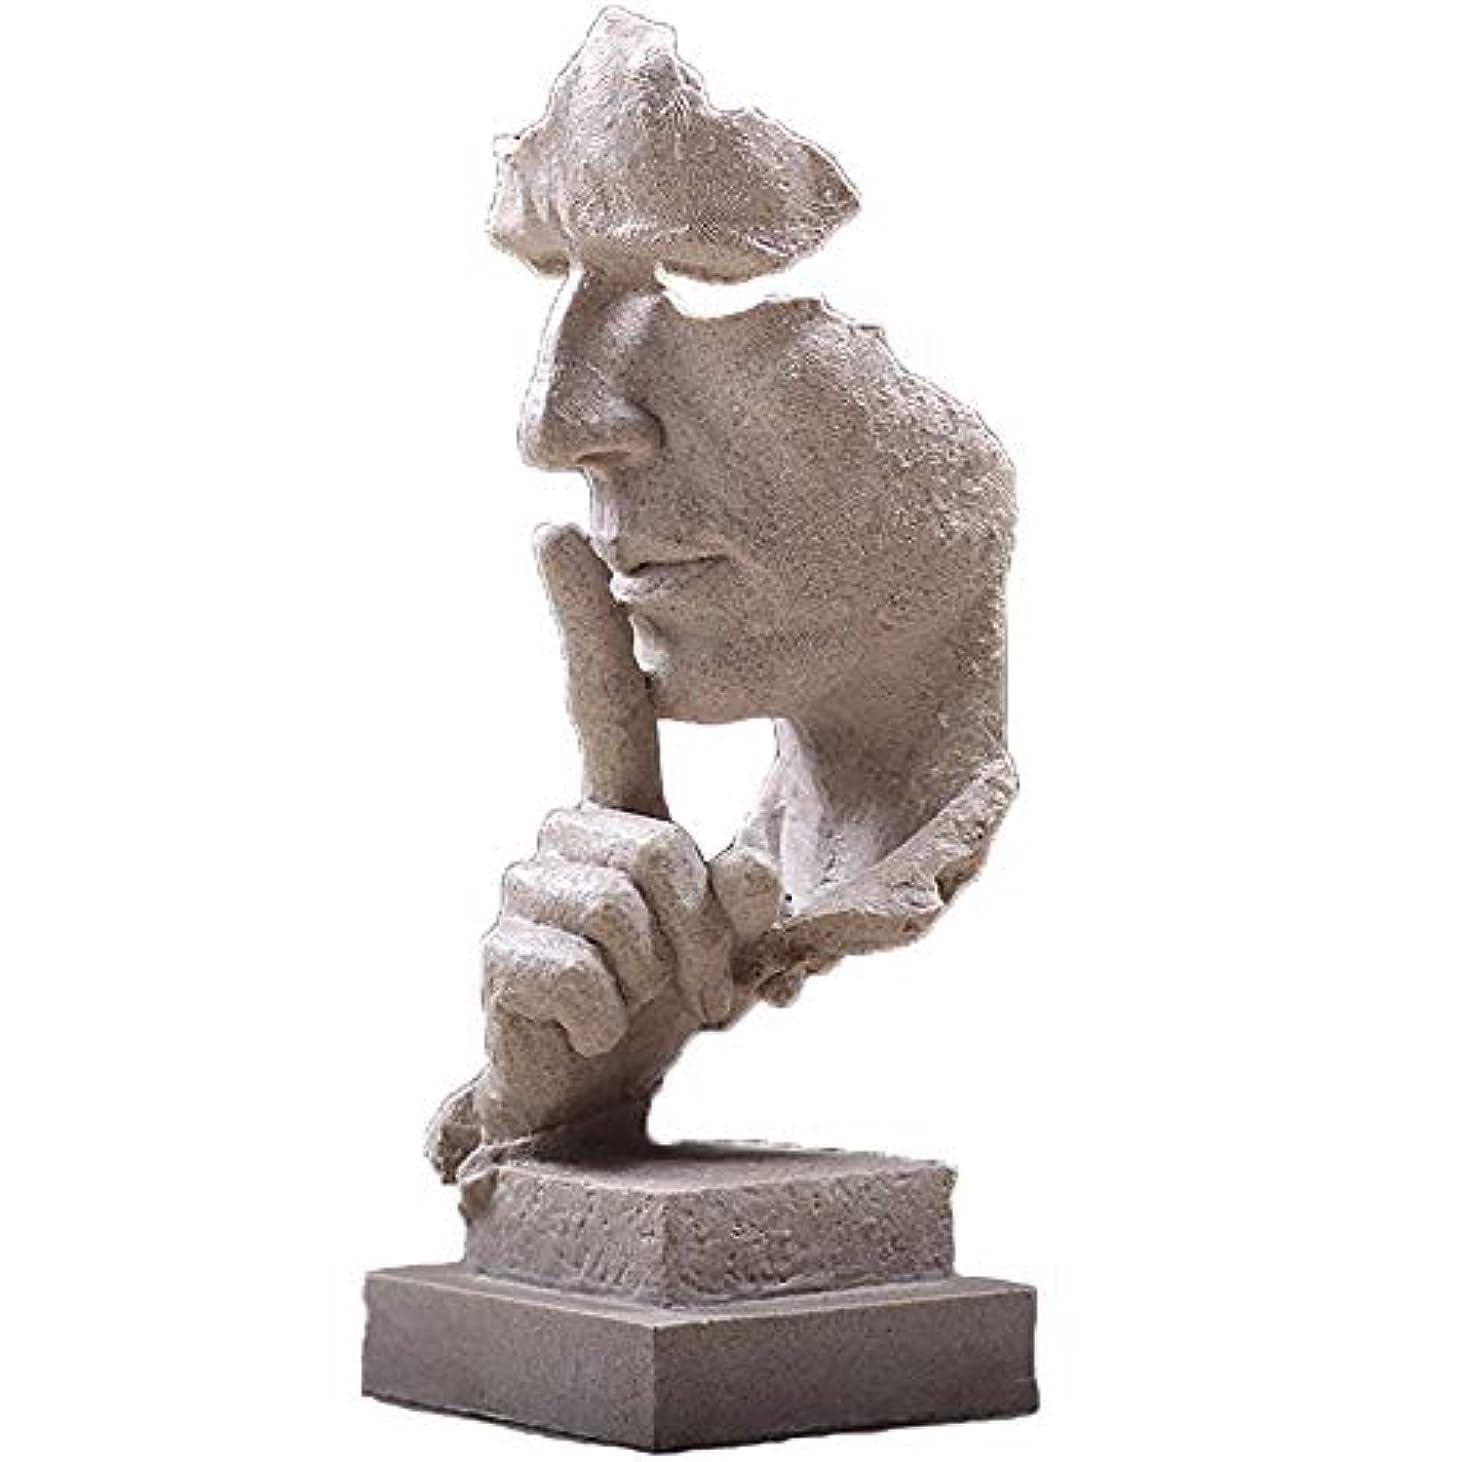 落胆した昼間シニス樹脂抽象彫刻沈黙はゴールデン男性像キャラクター工芸品装飾用オフィスリビングルームアートワーク,White